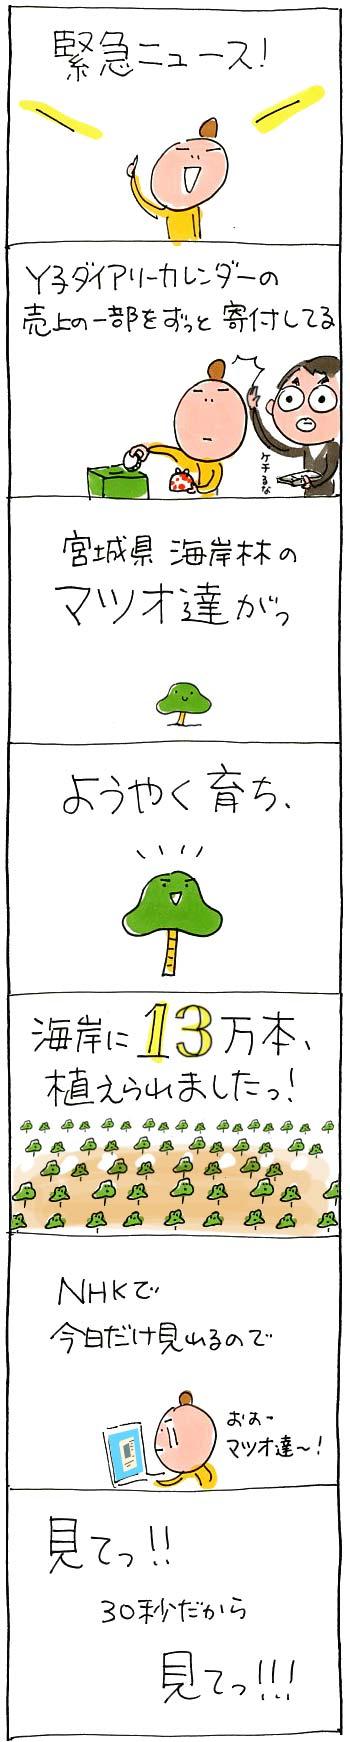 マツオ達01